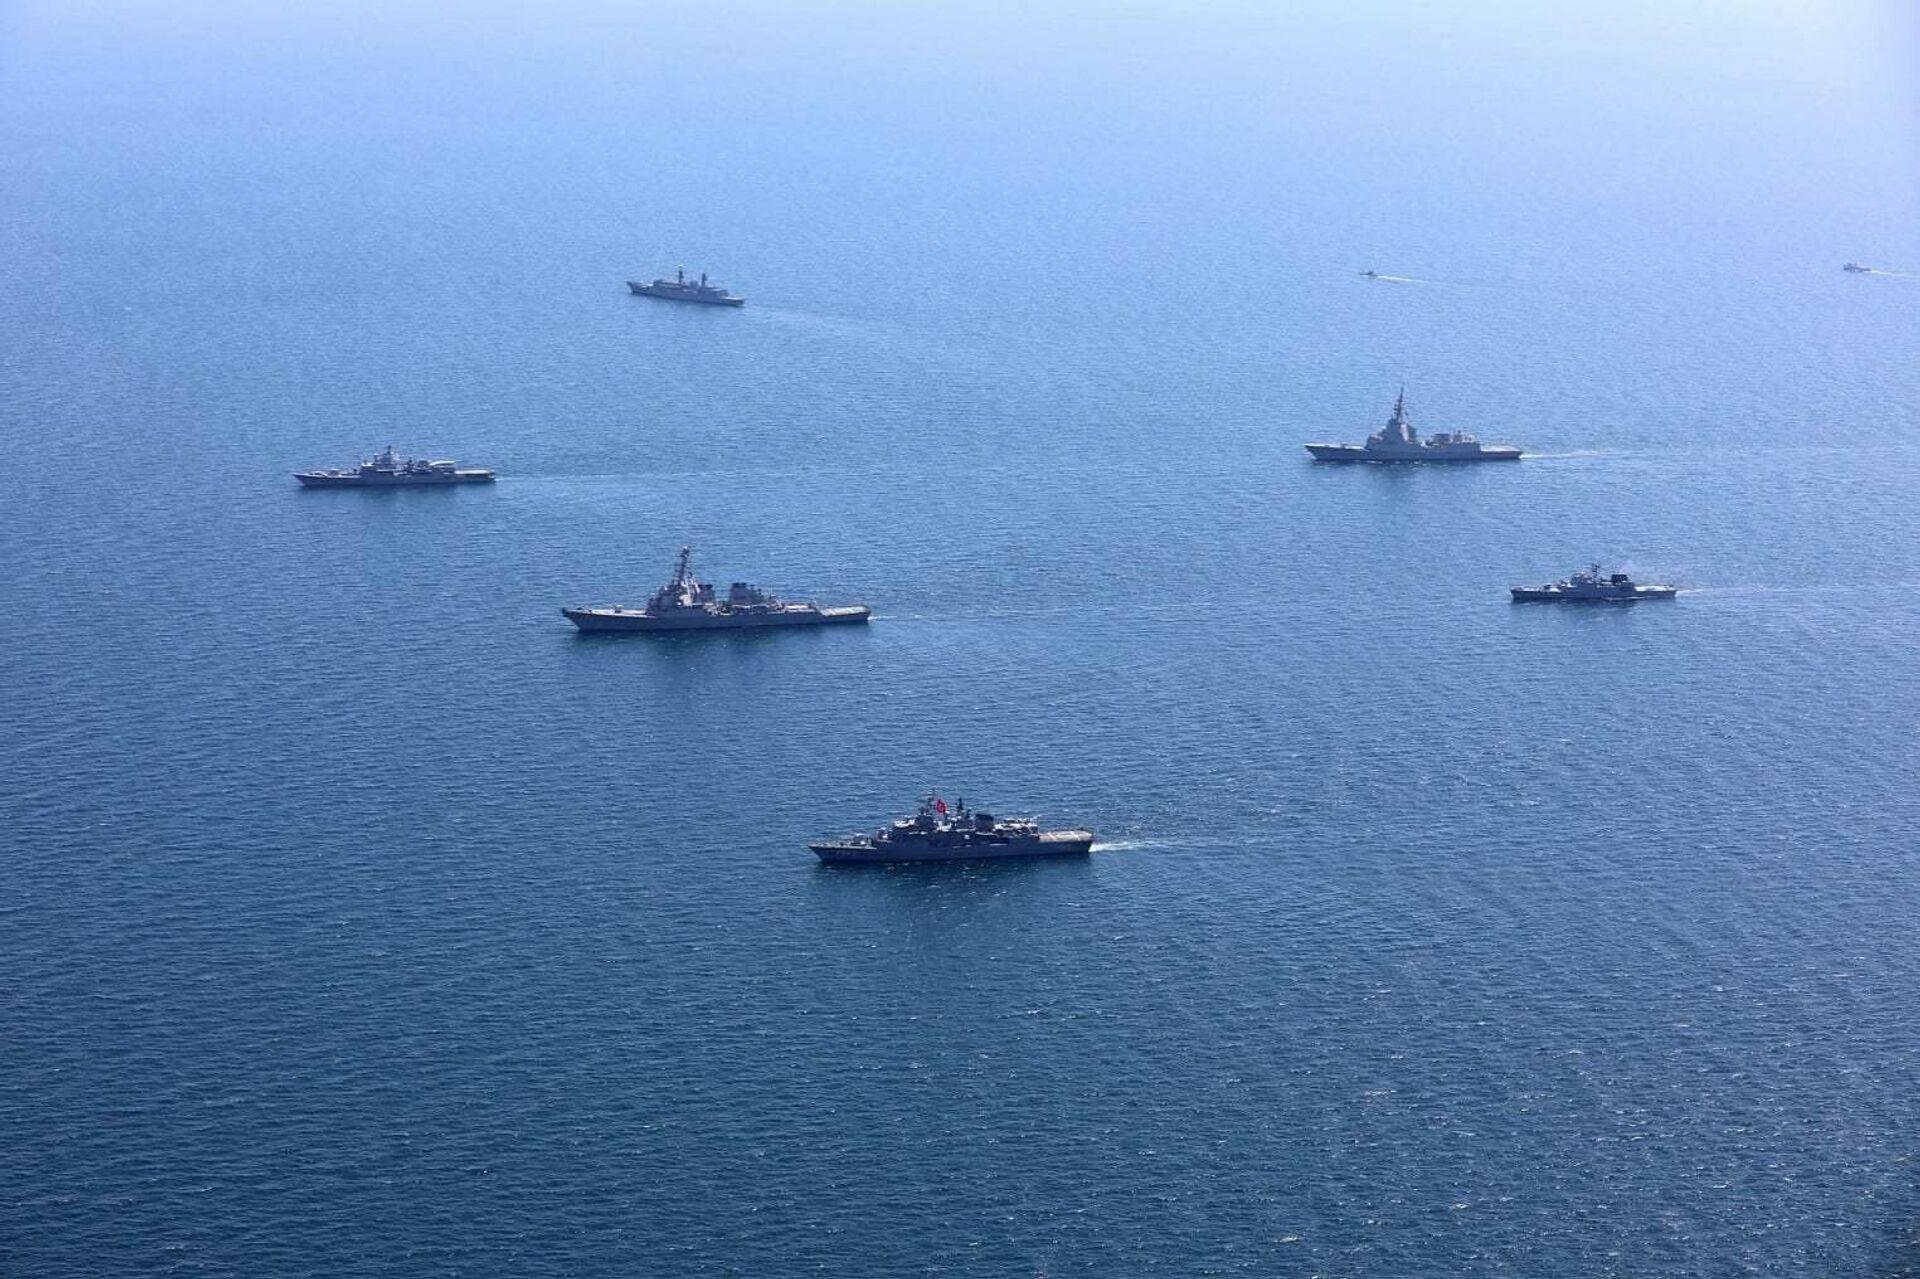 Учения стран НАТО и государств-партнеров Sea Breeze - 2020 в Черном море - РИА Новости, 1920, 09.06.2021